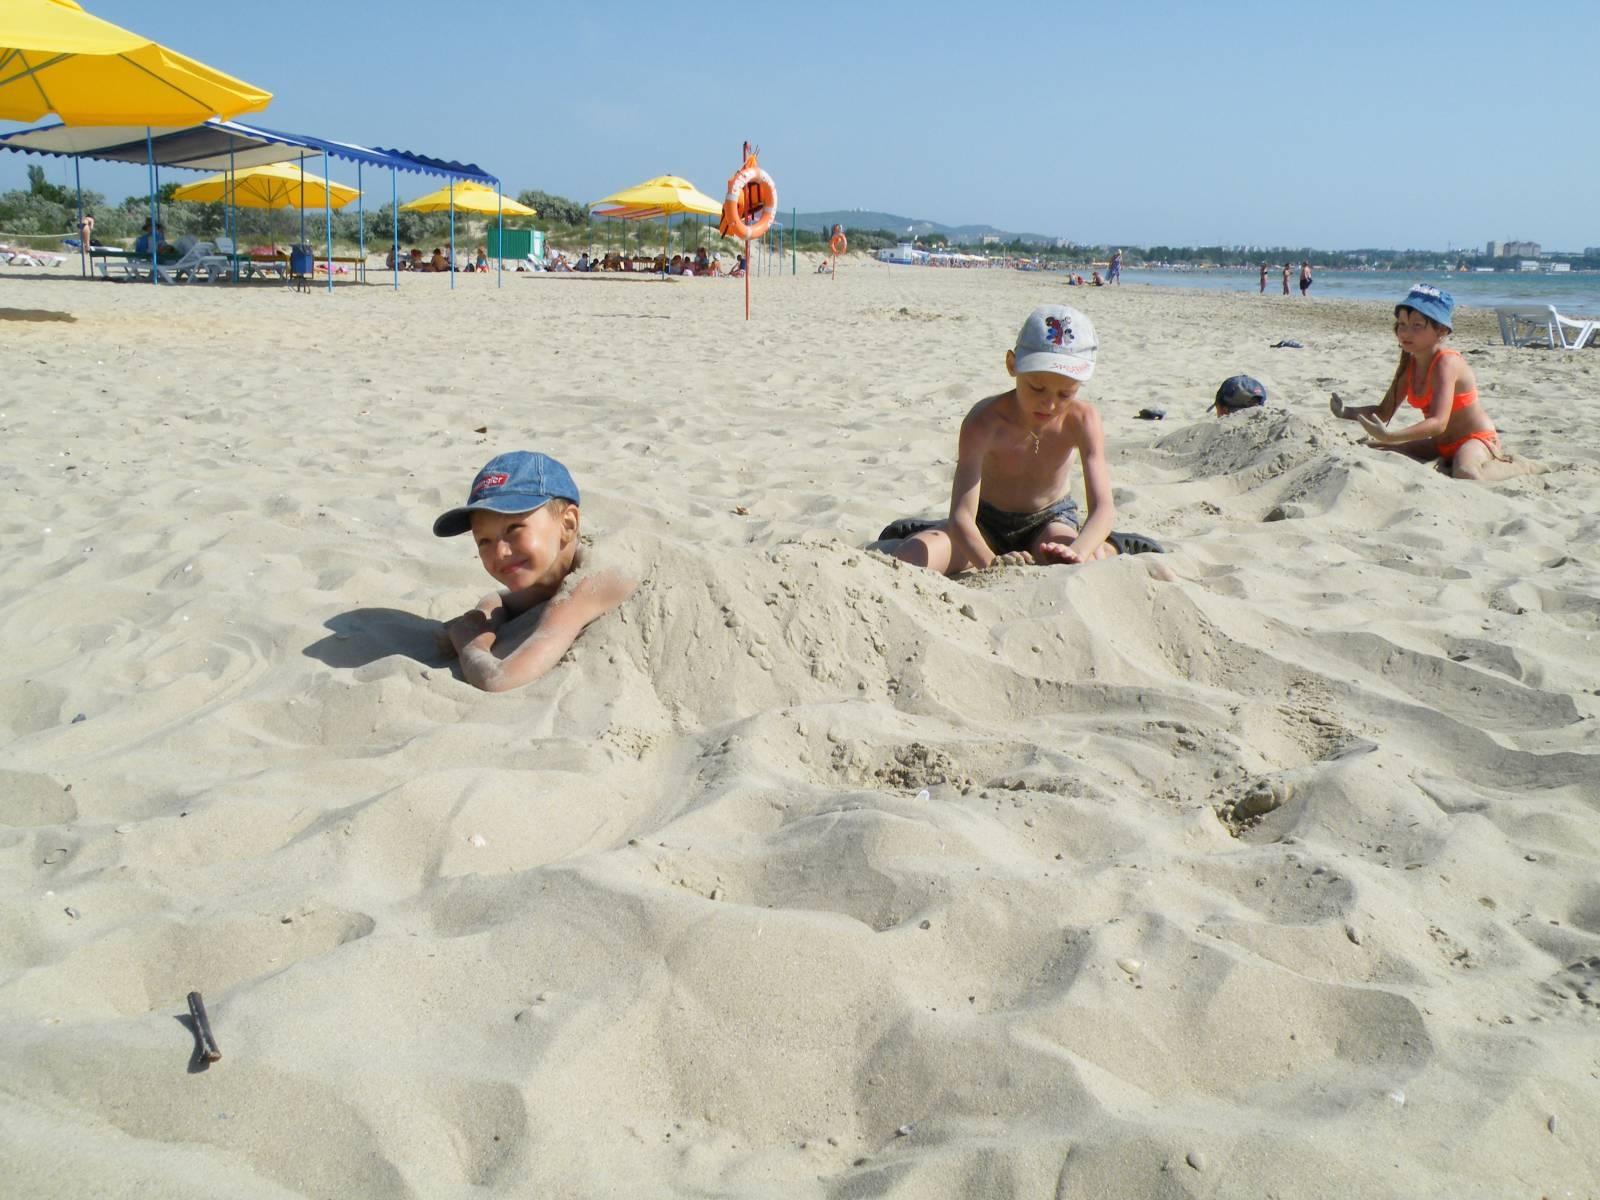 Пляжи Анапы 2018: песчаные, галечные, для детей, дикие 38